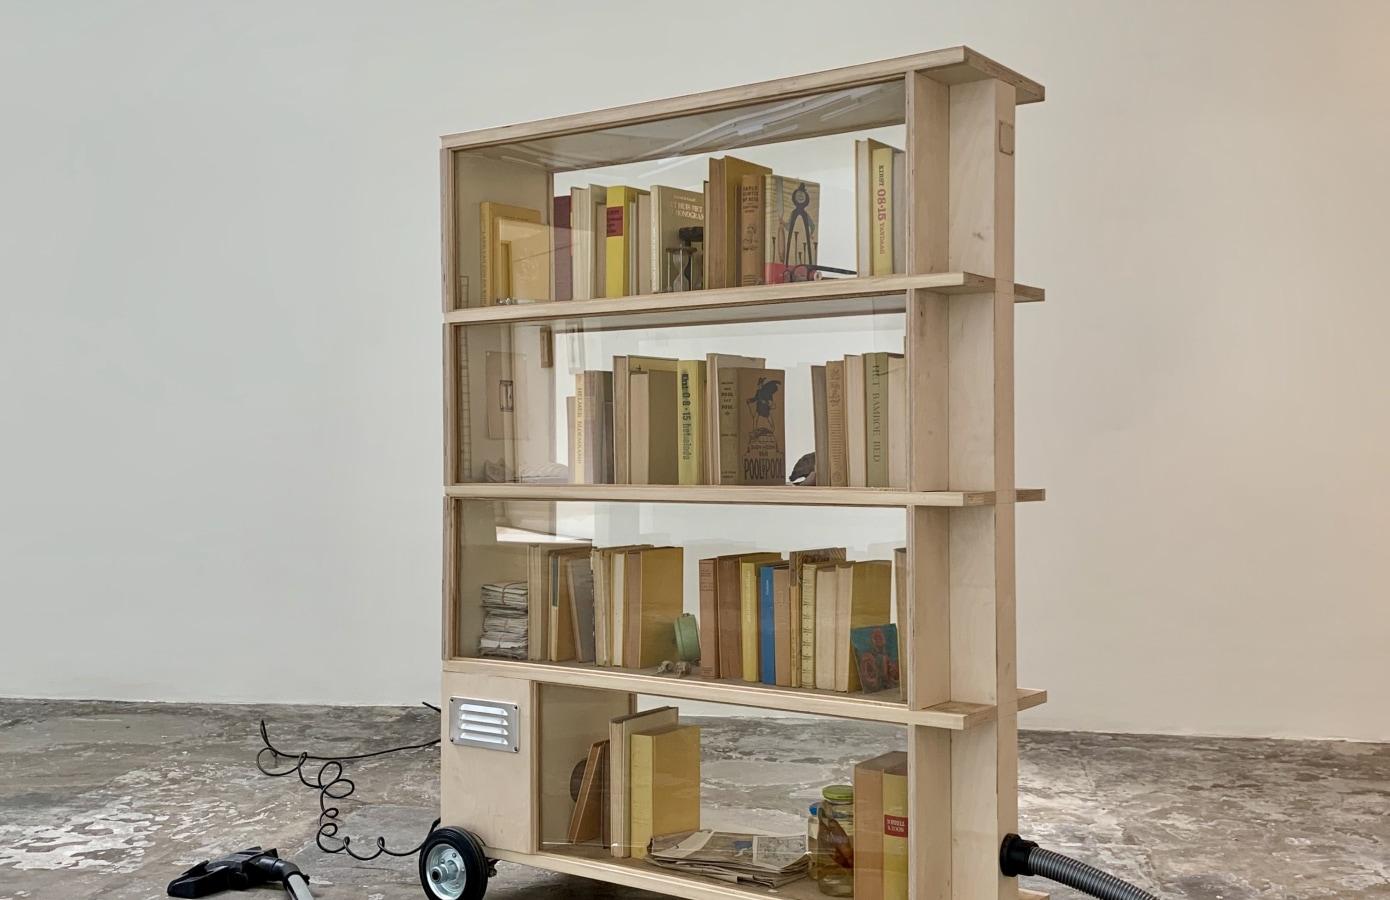 For the Love of Art - Part 2, Geert Baas, Bob Bonies, Frank Halmans, Joncquil, Ton van Kints, Reinier Lagendijk, Ossip, Reinoud Oudshoorn,